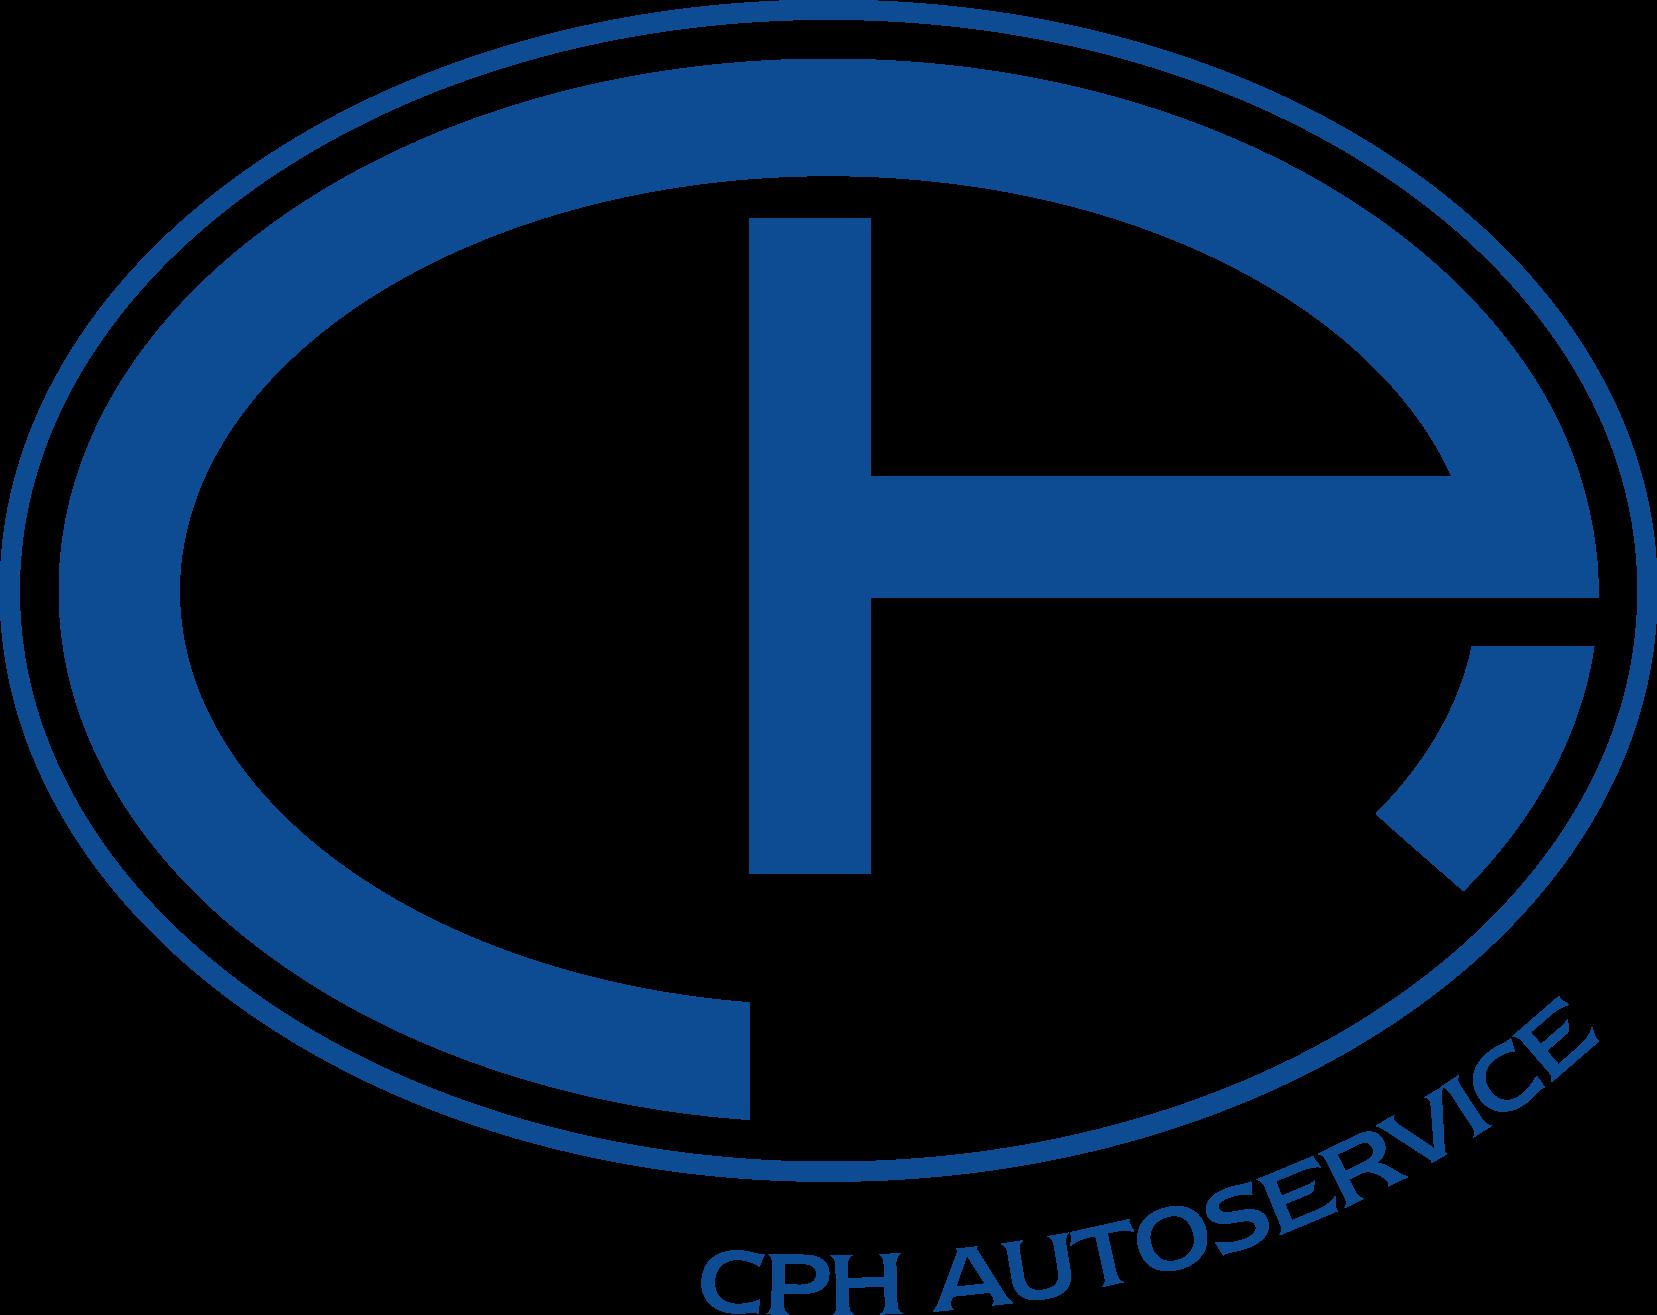 CPH Autoservice